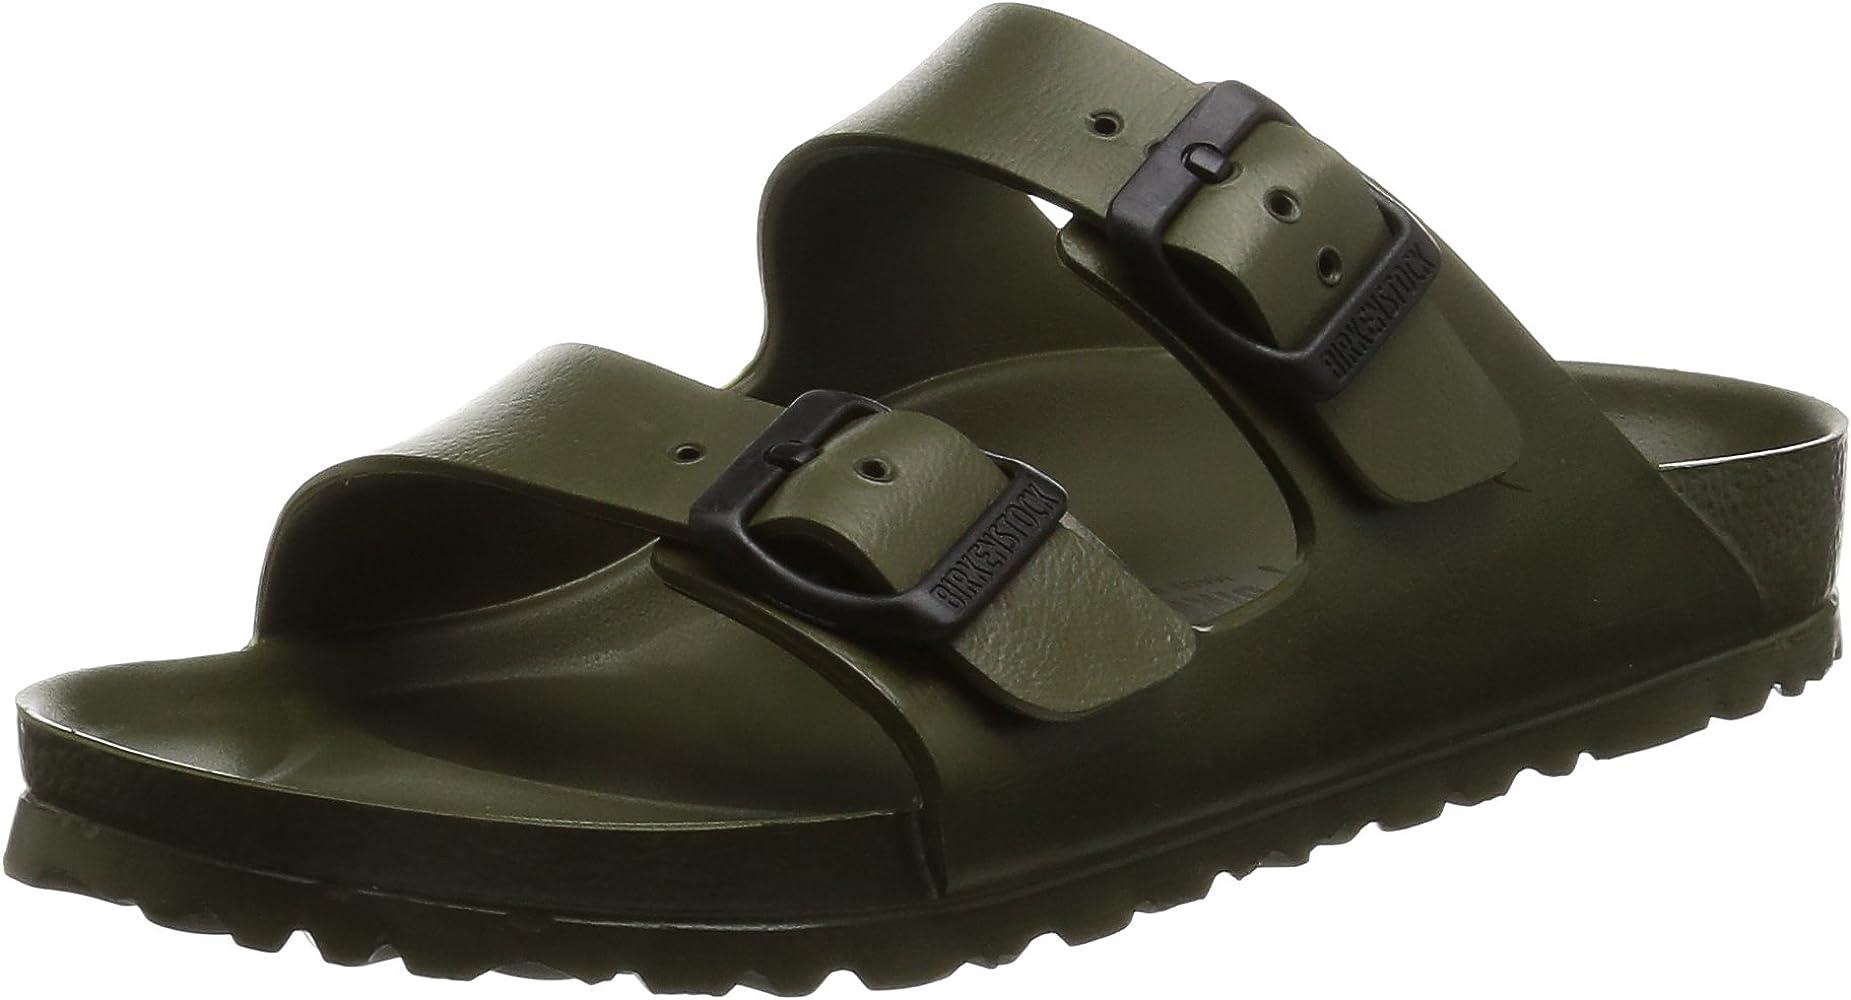 2f5a30783 Birkenstock Unisex Arizona EVA Dual Buckle Sandals, Khaki - 38 N EU